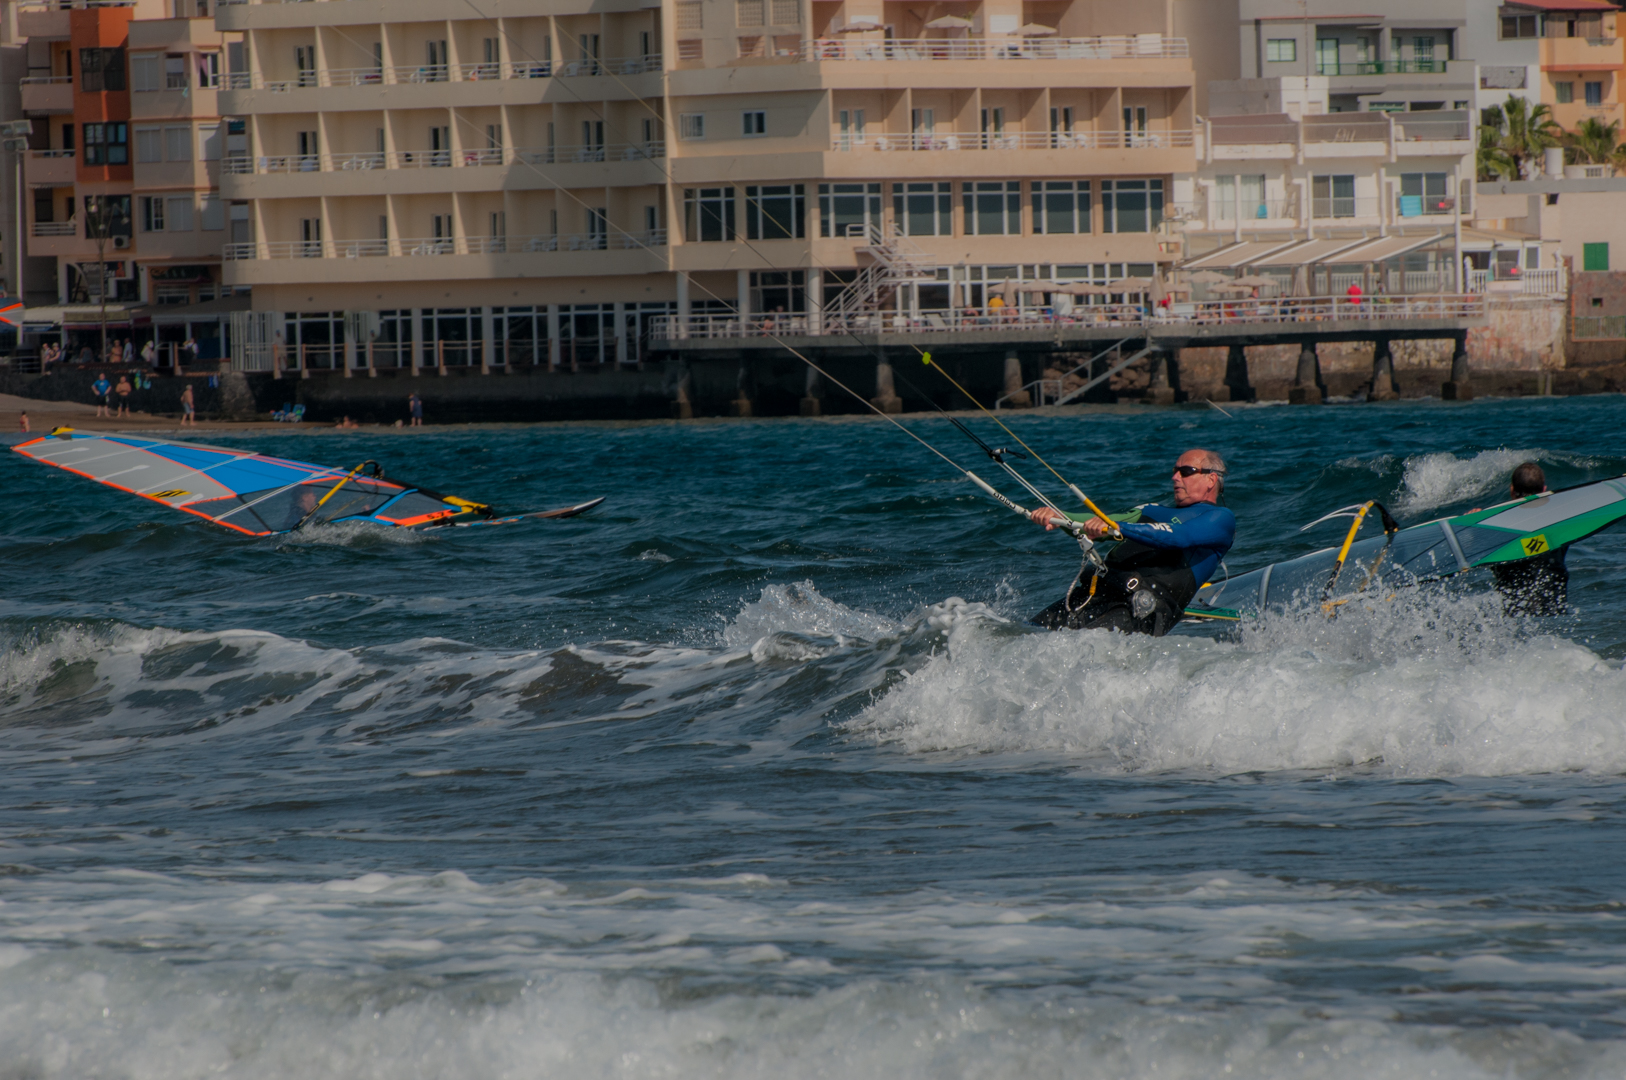 Kitesurfing-171114-5670.jpg